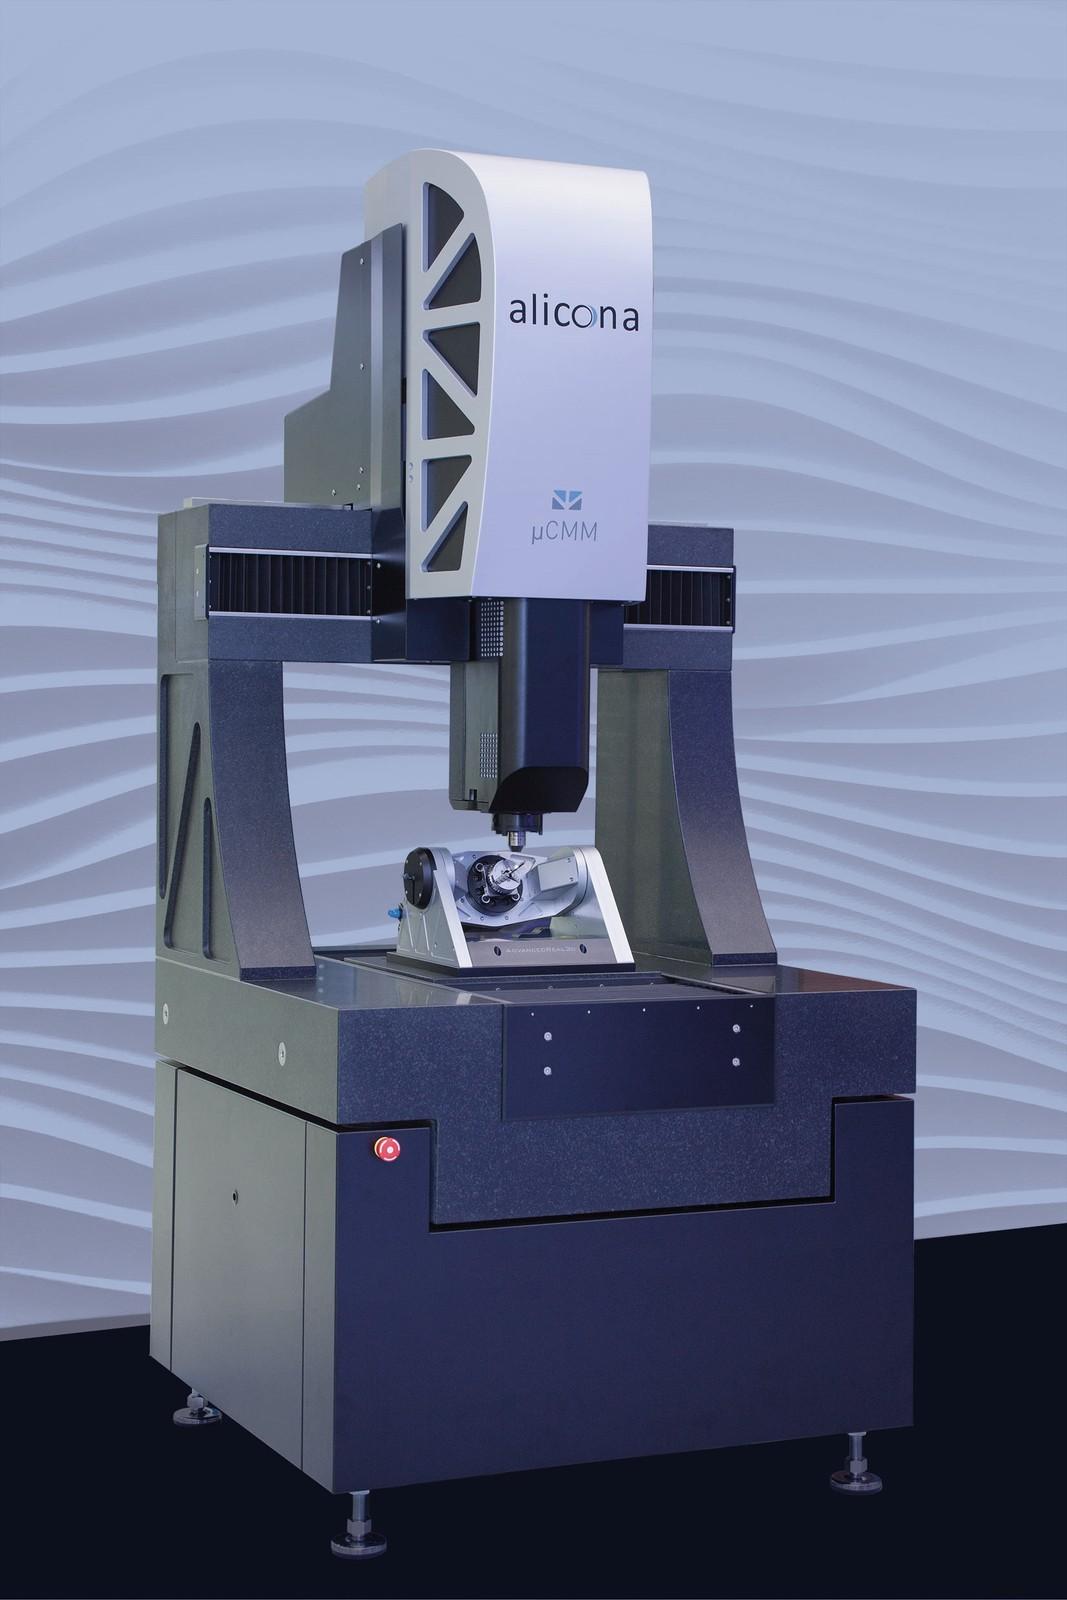 Das optische 3D-Fokus-Variationsmessgerät µCMM von Alicona.